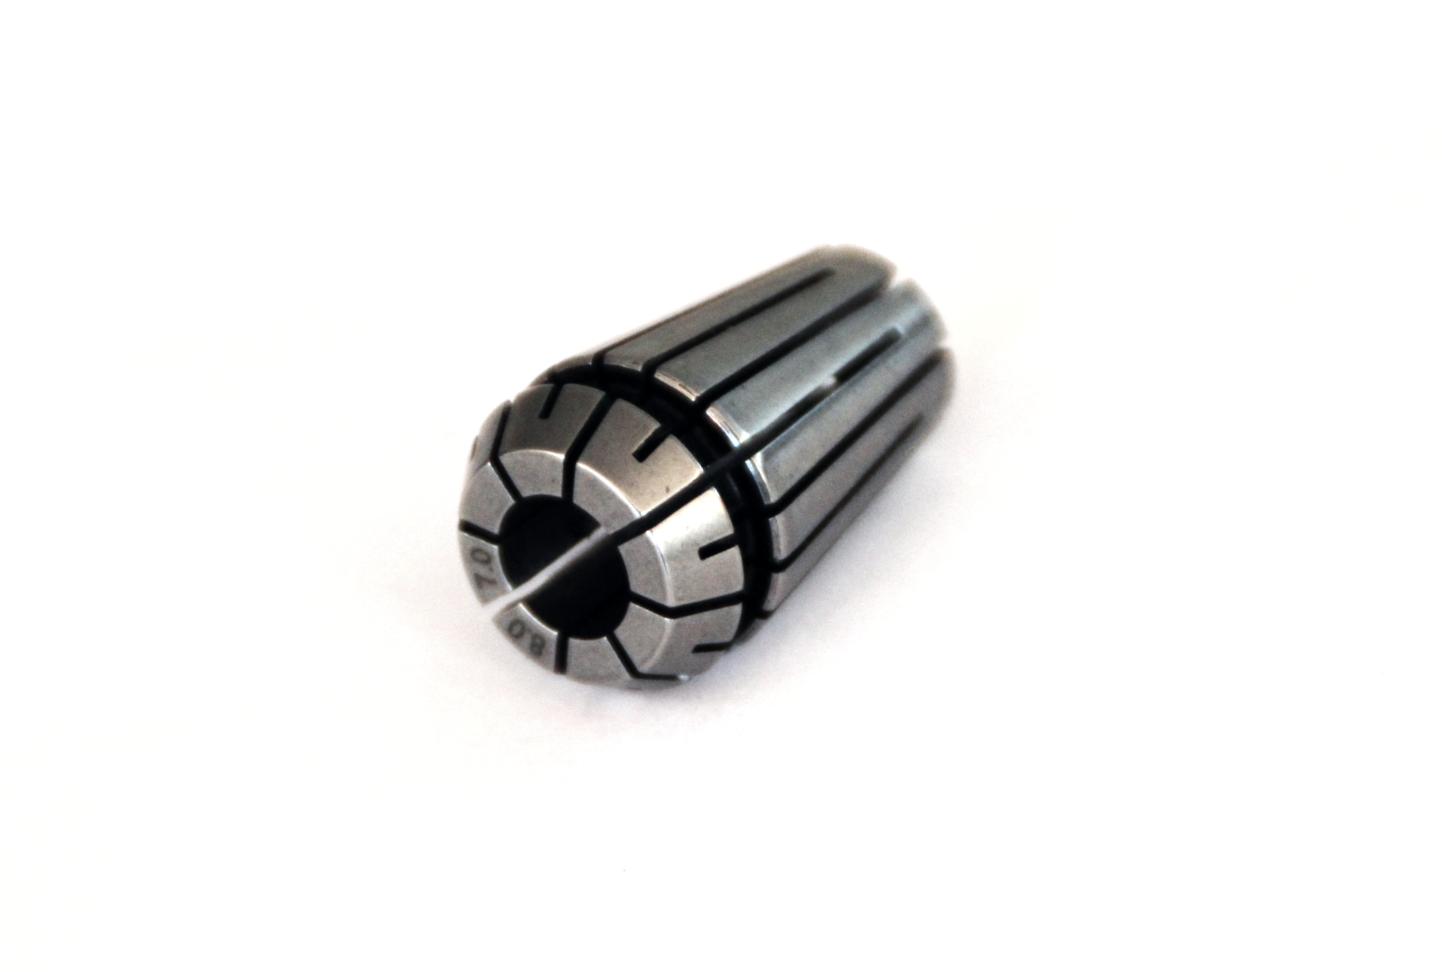 Spannzange ER16 426E DIN 6499 ISO 15488 B - 6,0mm(B)